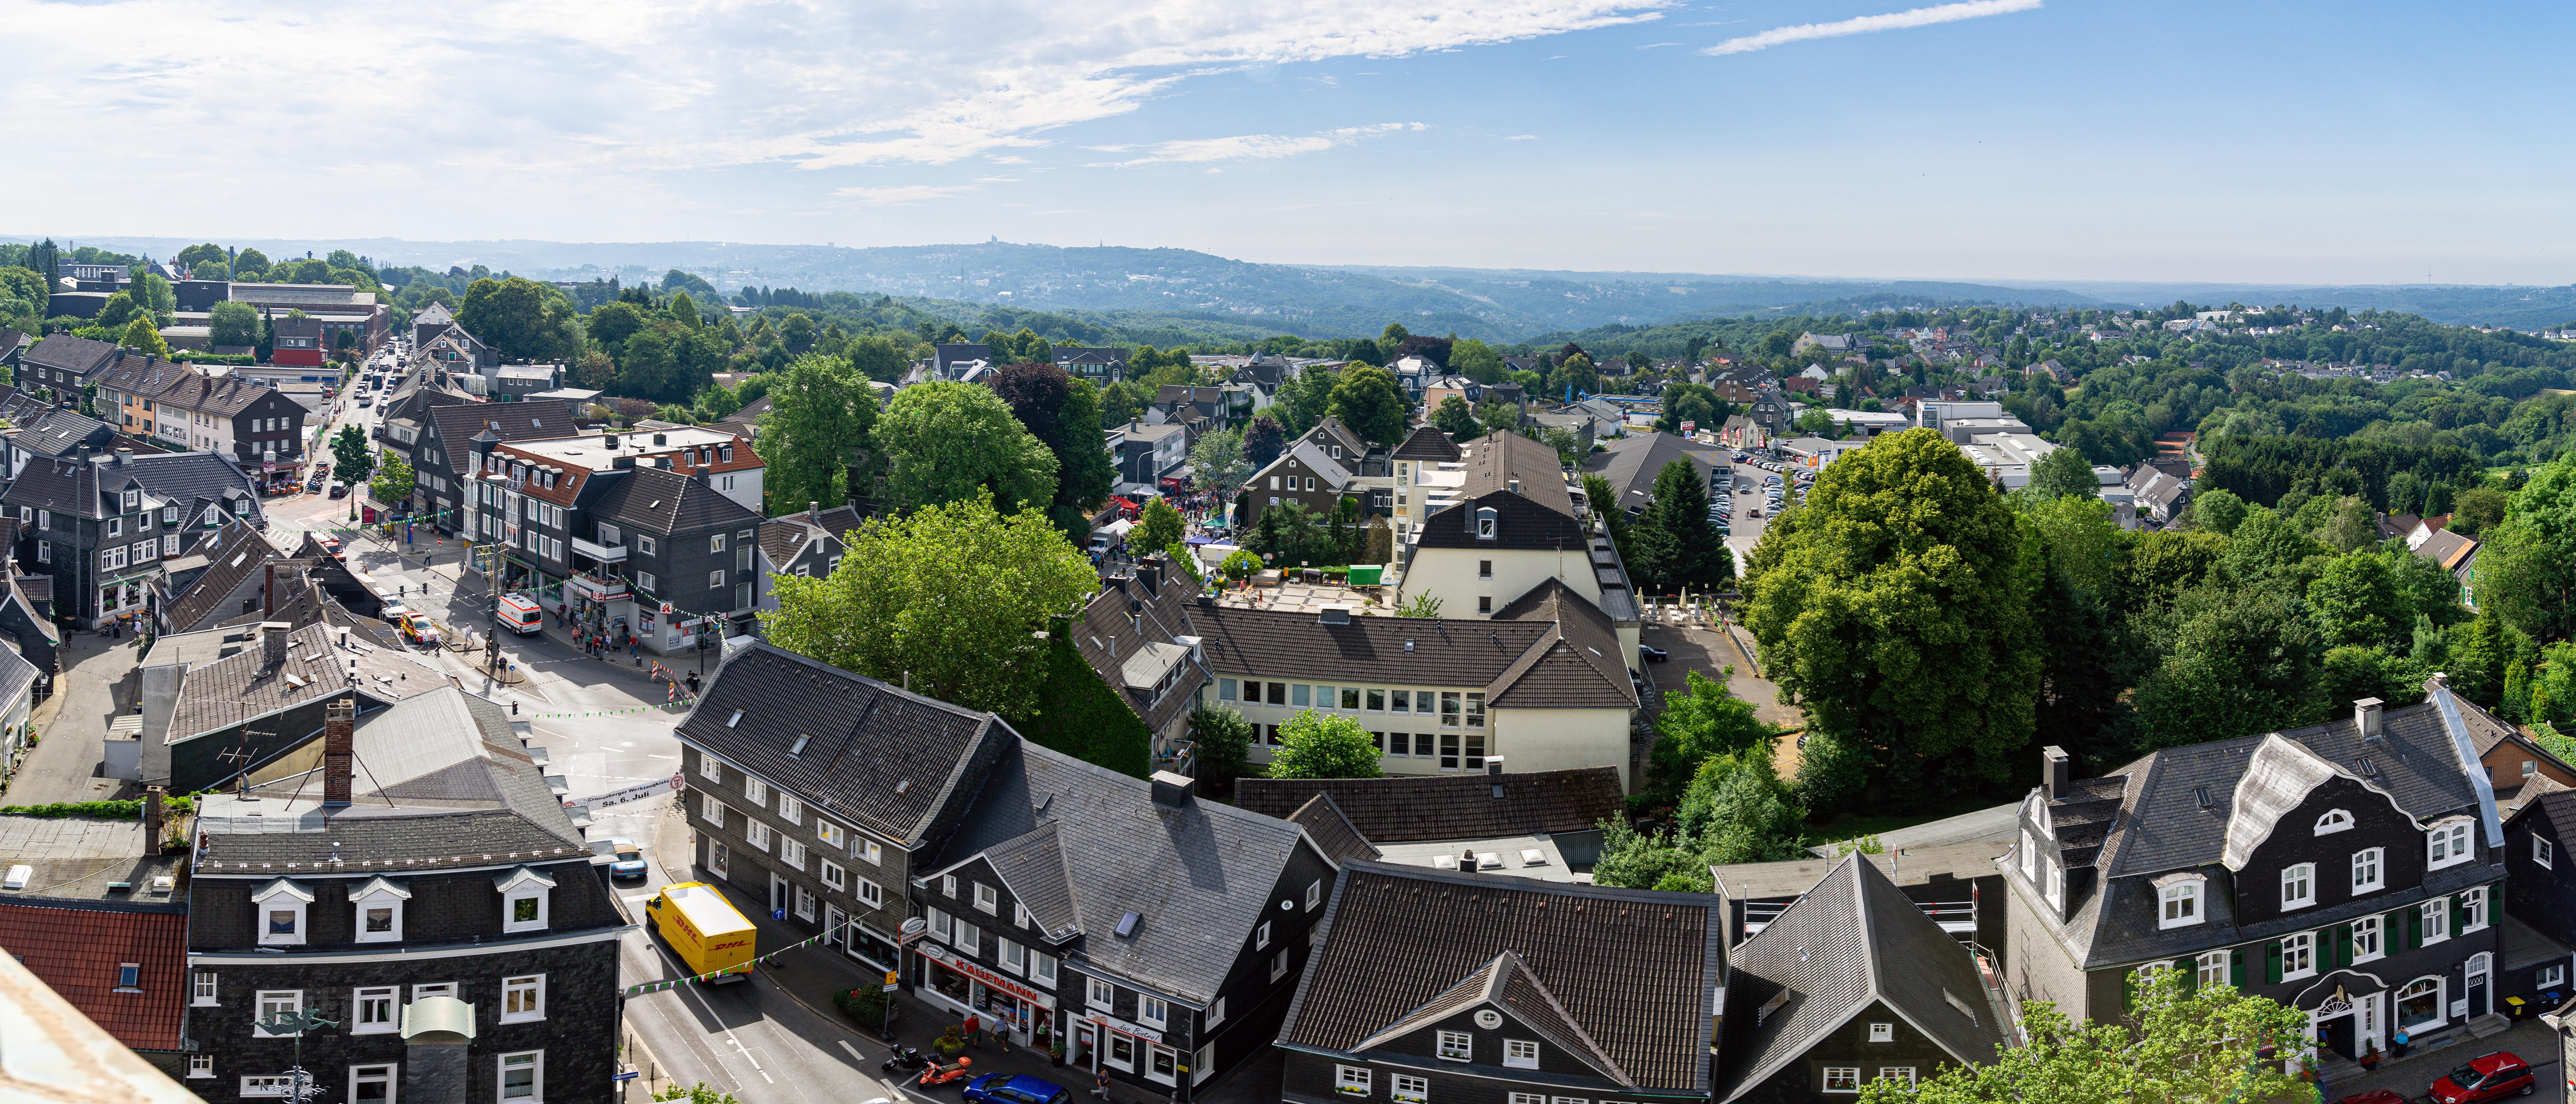 Cronenberg von oben: Blick vom Turm der Reformierten Kirche